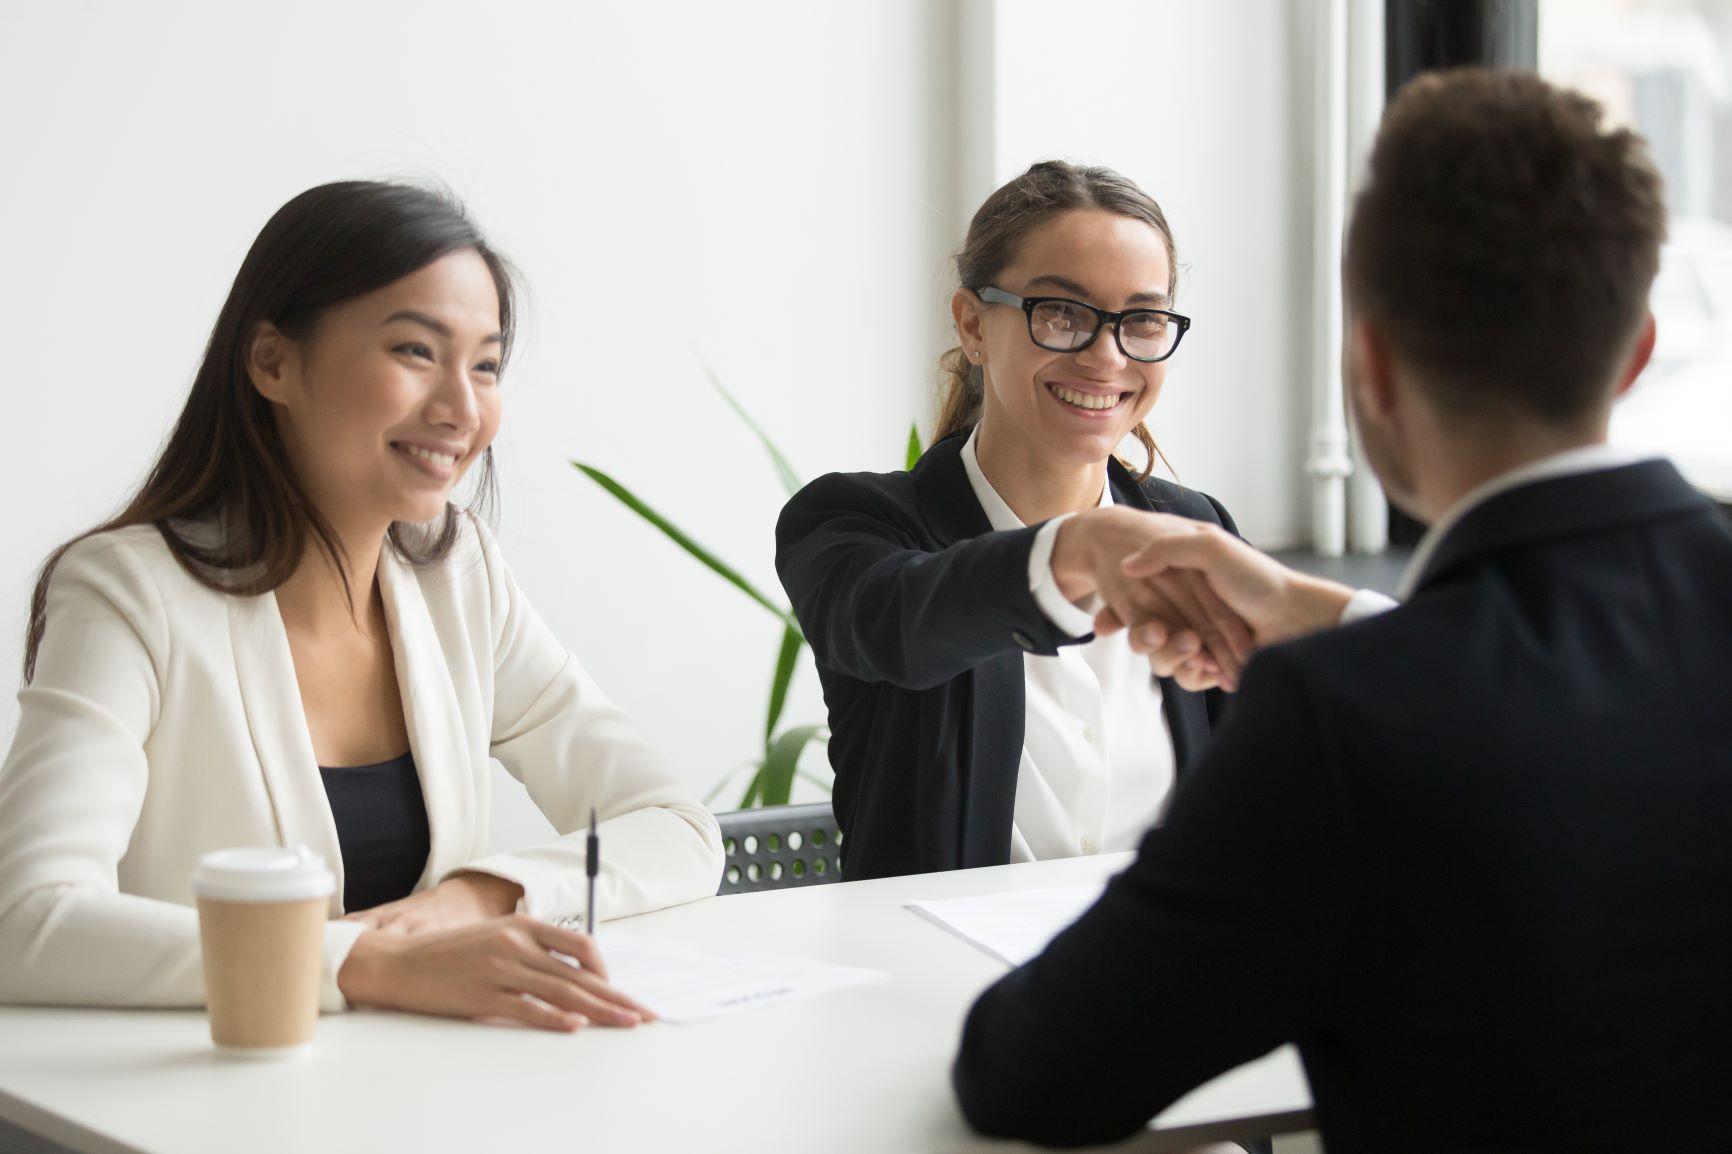 Como mensurar os resultados de treinamentos de vendas?